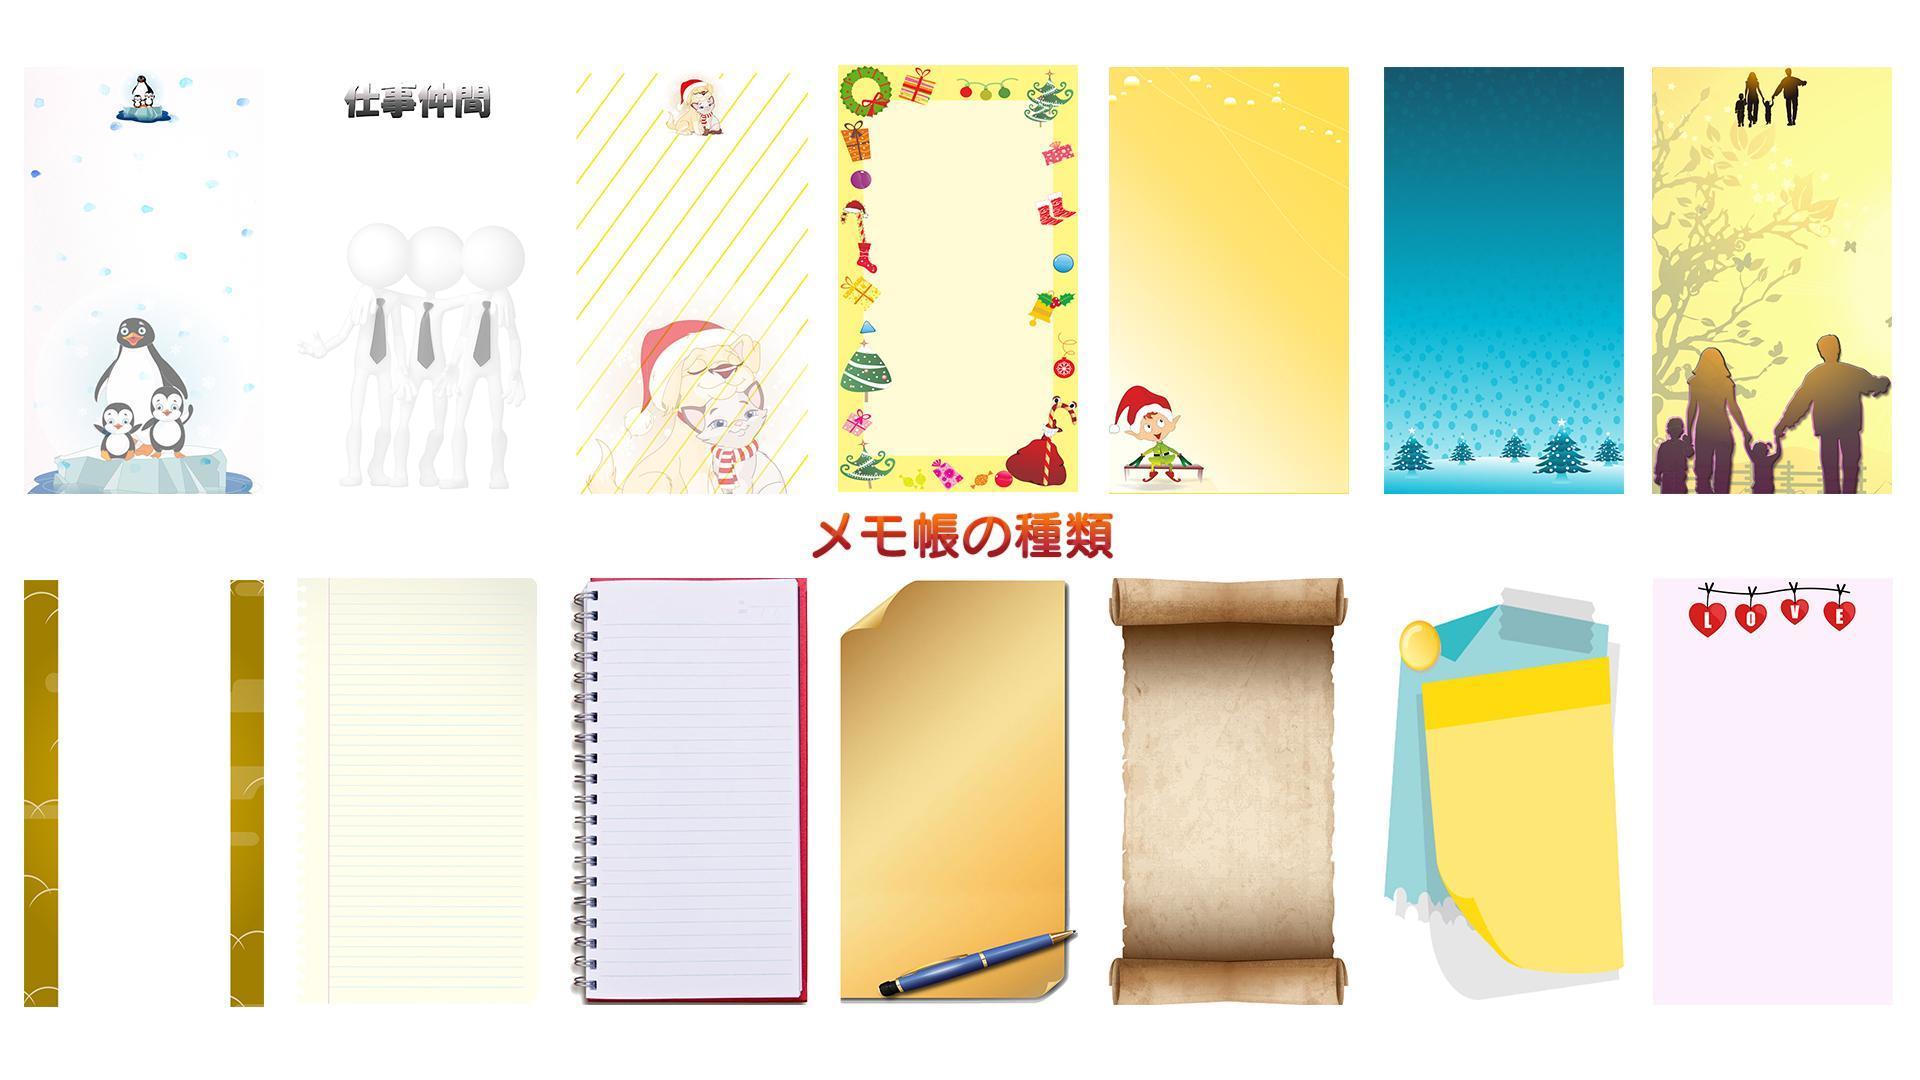 メモ壁紙 For Android Apk Download